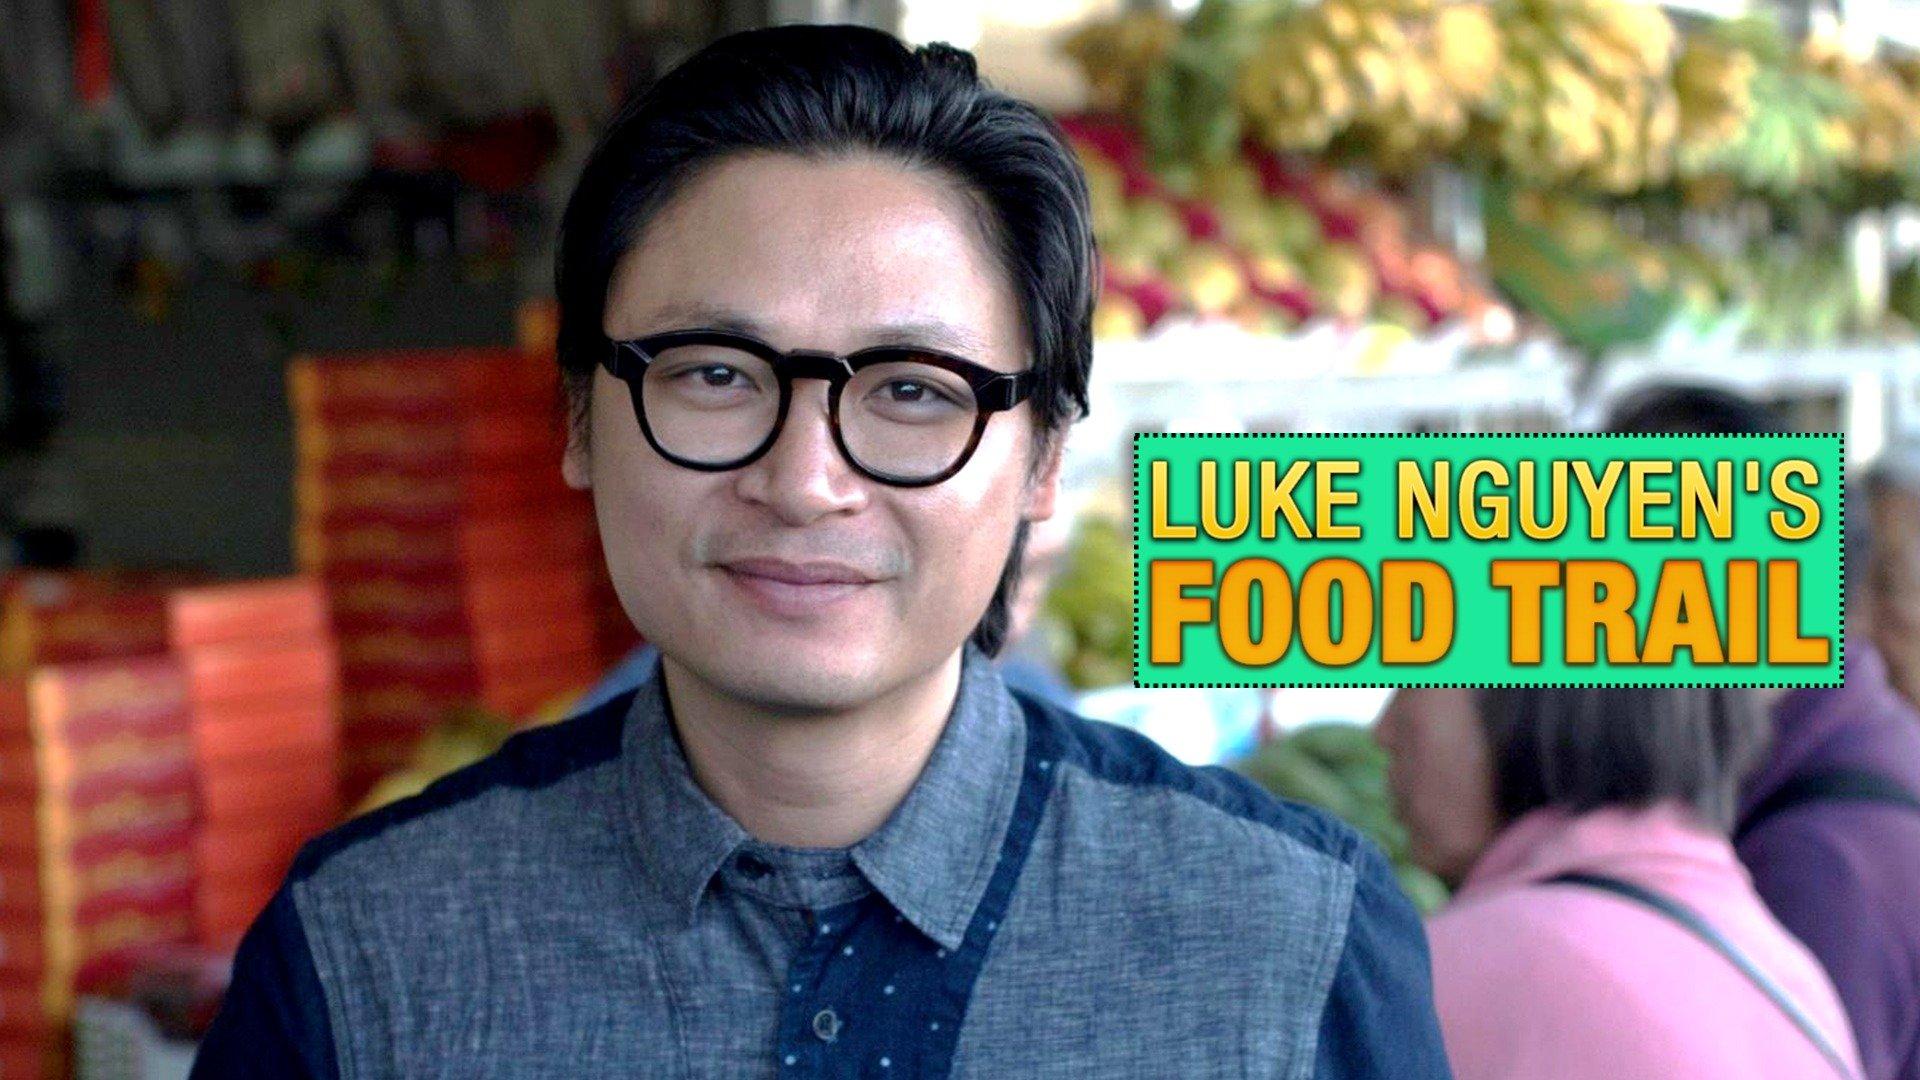 Luke Nguyen's Food Trail